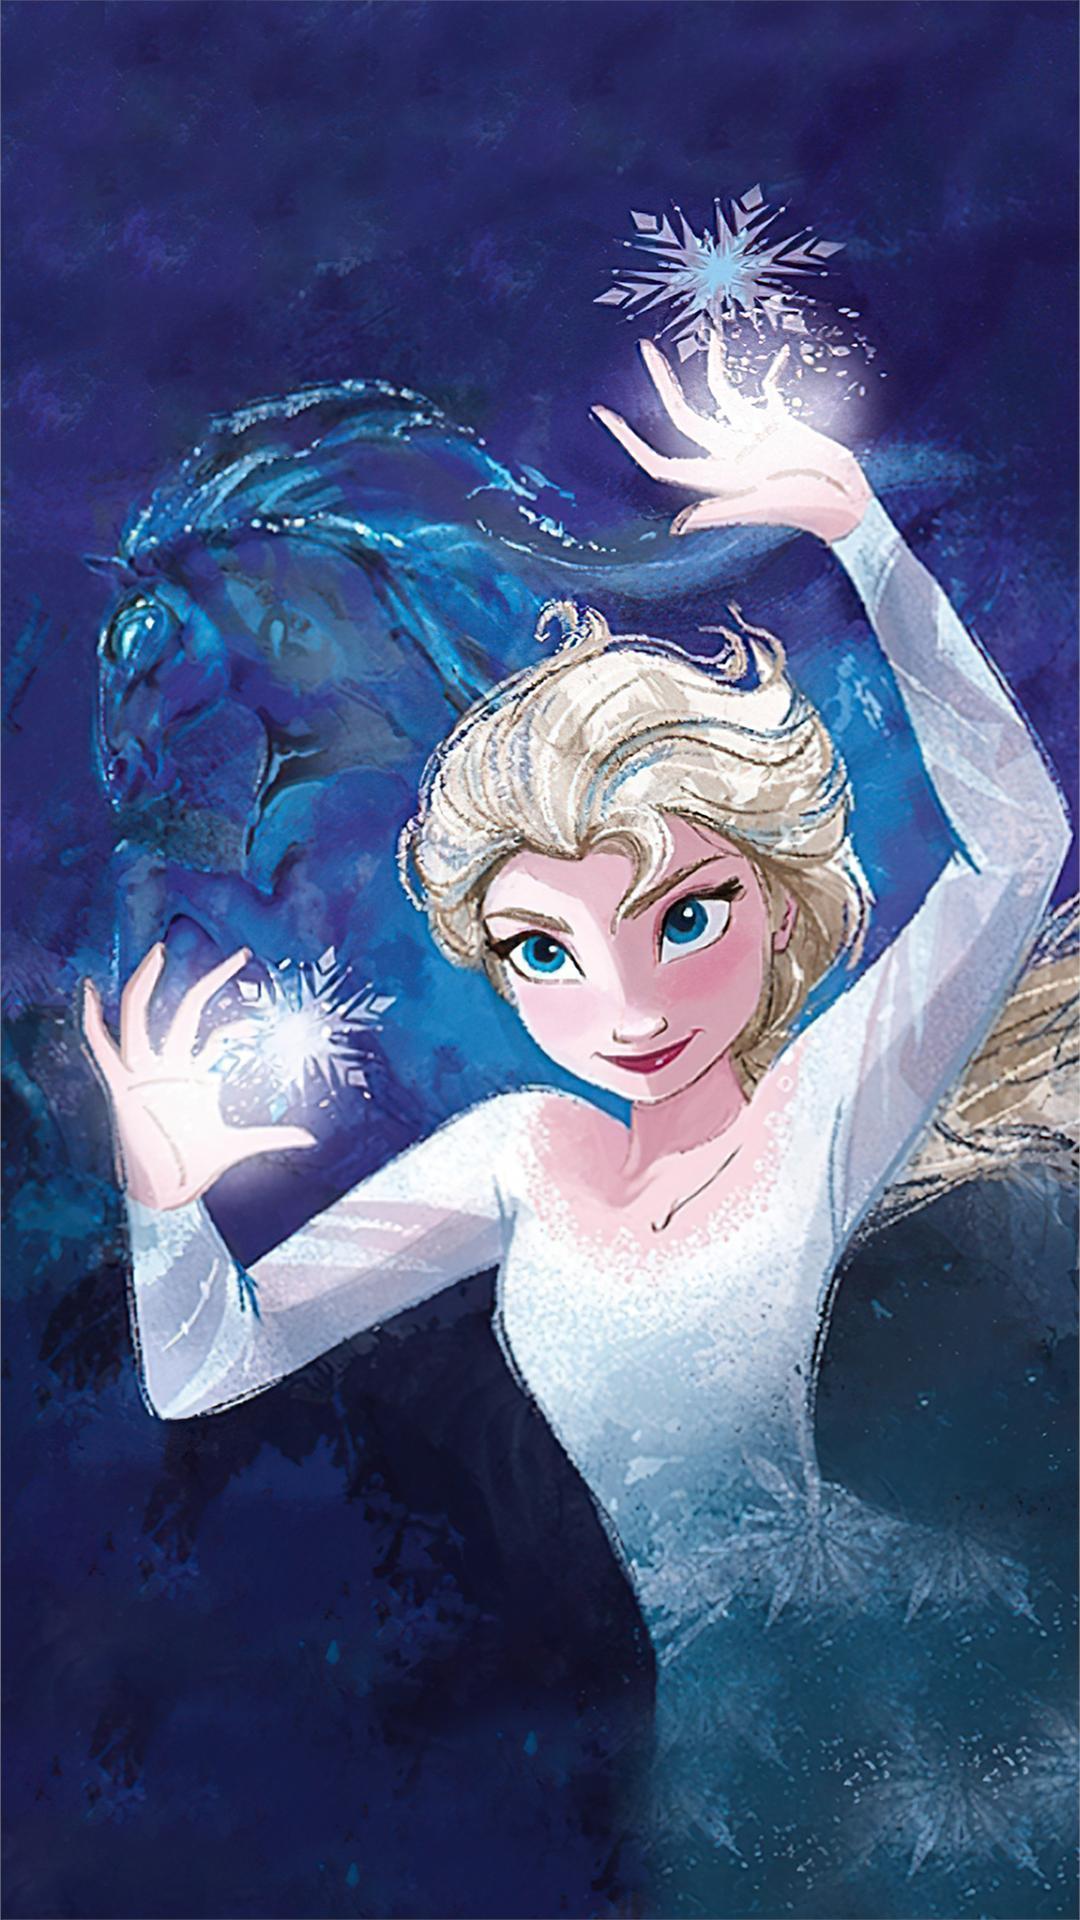 Frozen 2 Queen Elsa Wallpapers - Wallpaper Cave